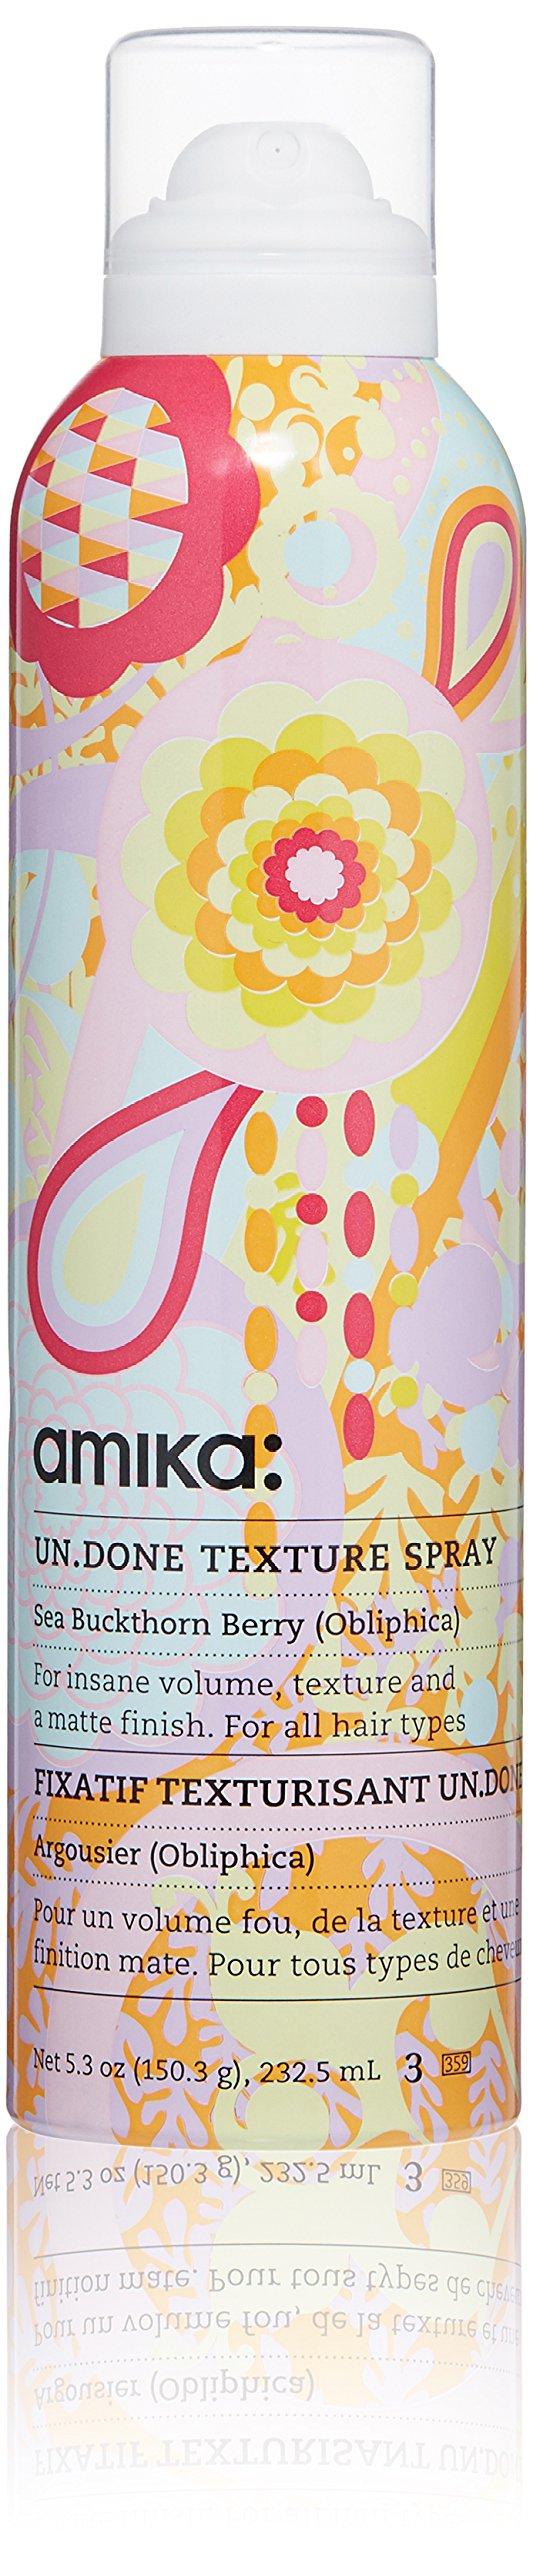 Amika Obliphica Un.Done Texture Spray, 5.3 oz